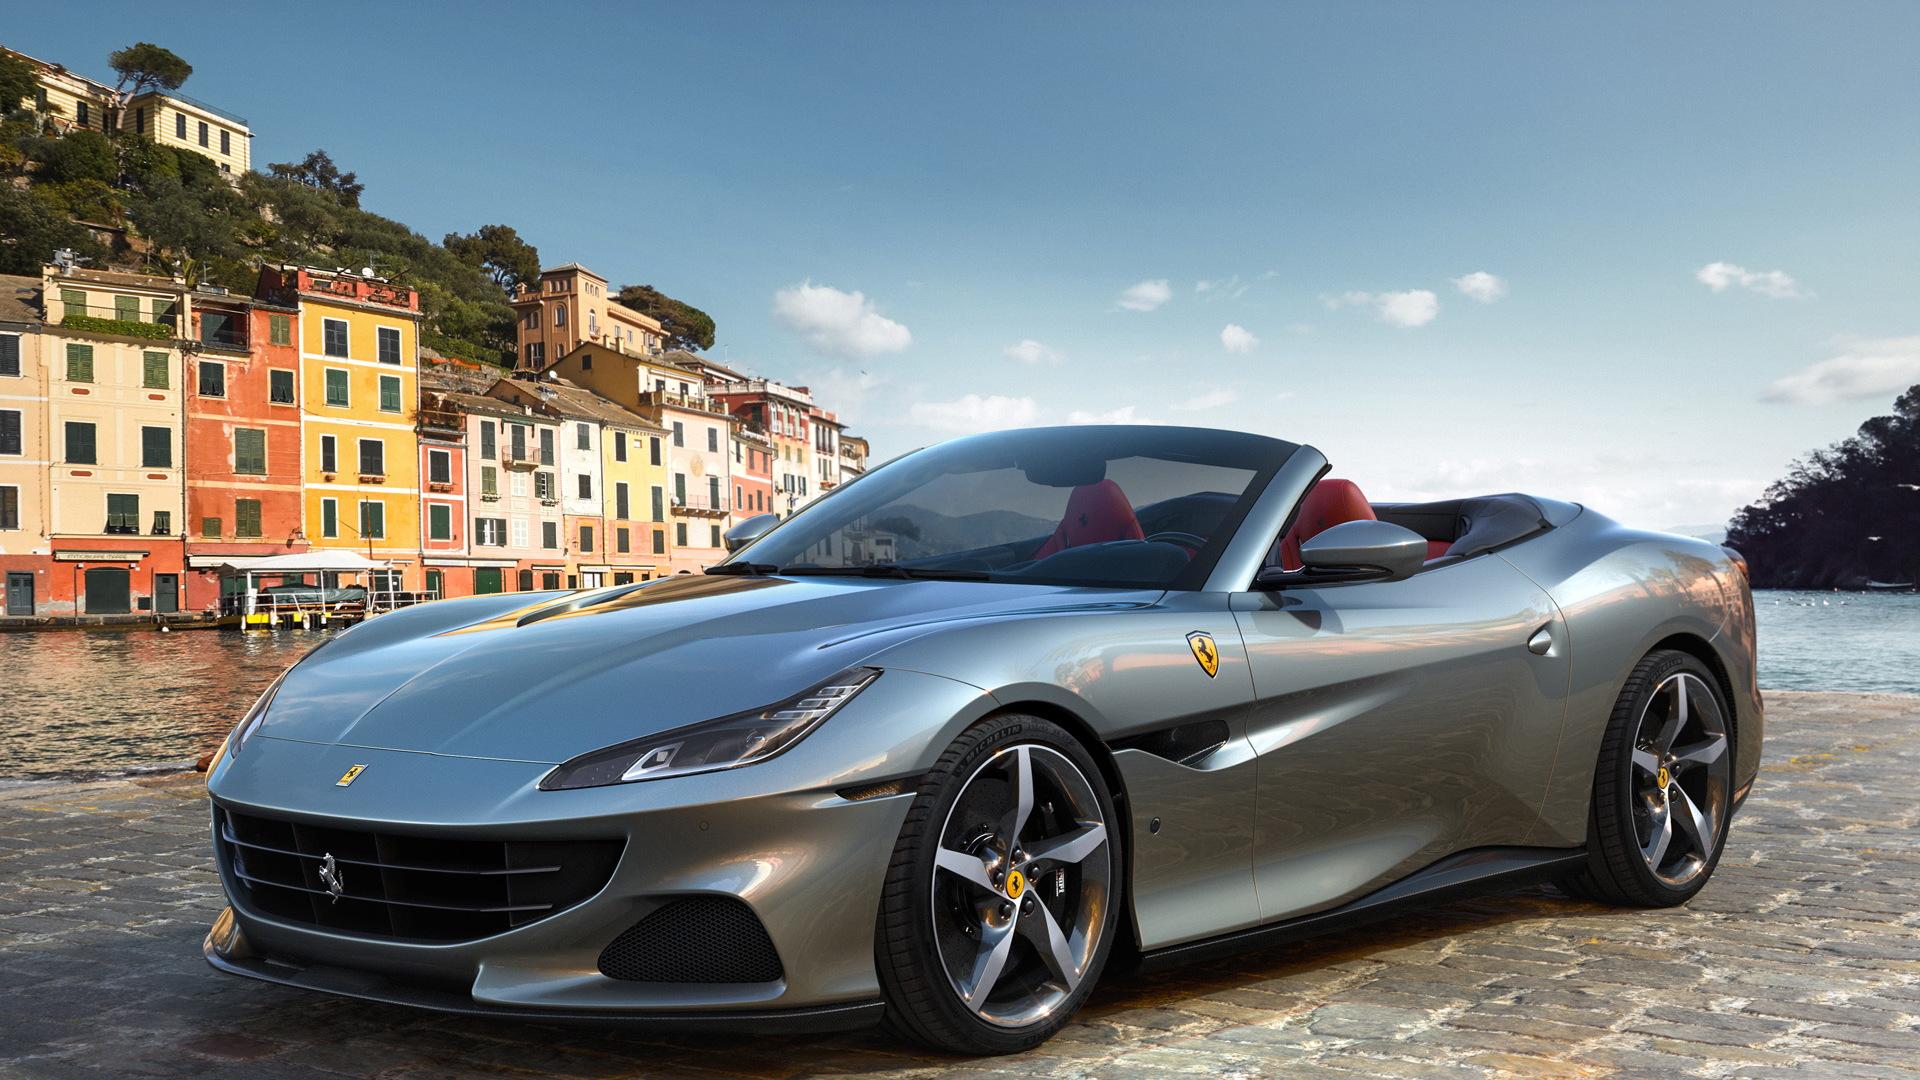 Ferrari Portofino M brings 'Modificata' to the brand's GT convertible